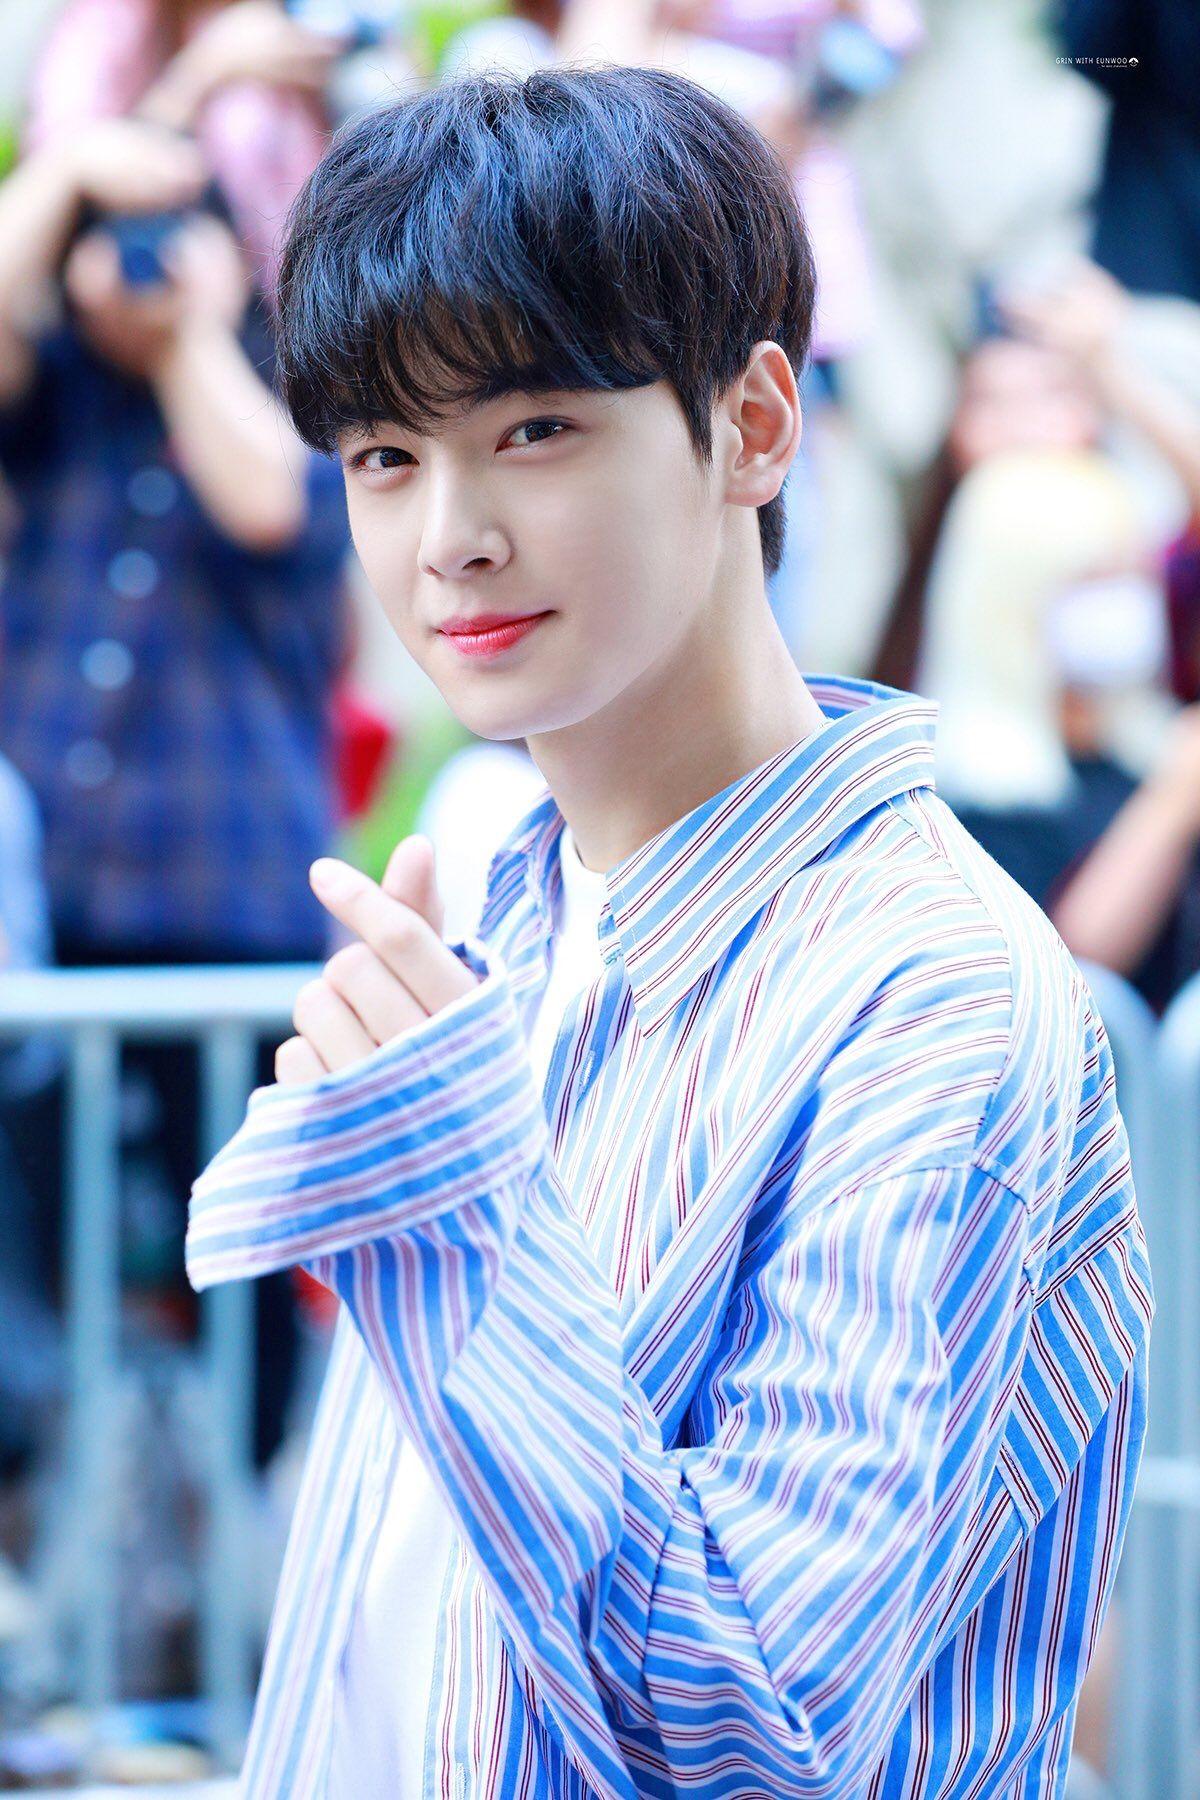 Top 5 idol đẹp trai nhất do báo Hàn bình chọn: Cha Eun Woo mang vẻ đẹp 'siêu thực' nhưng vẫn luôn đứng sau người này - Ảnh 5